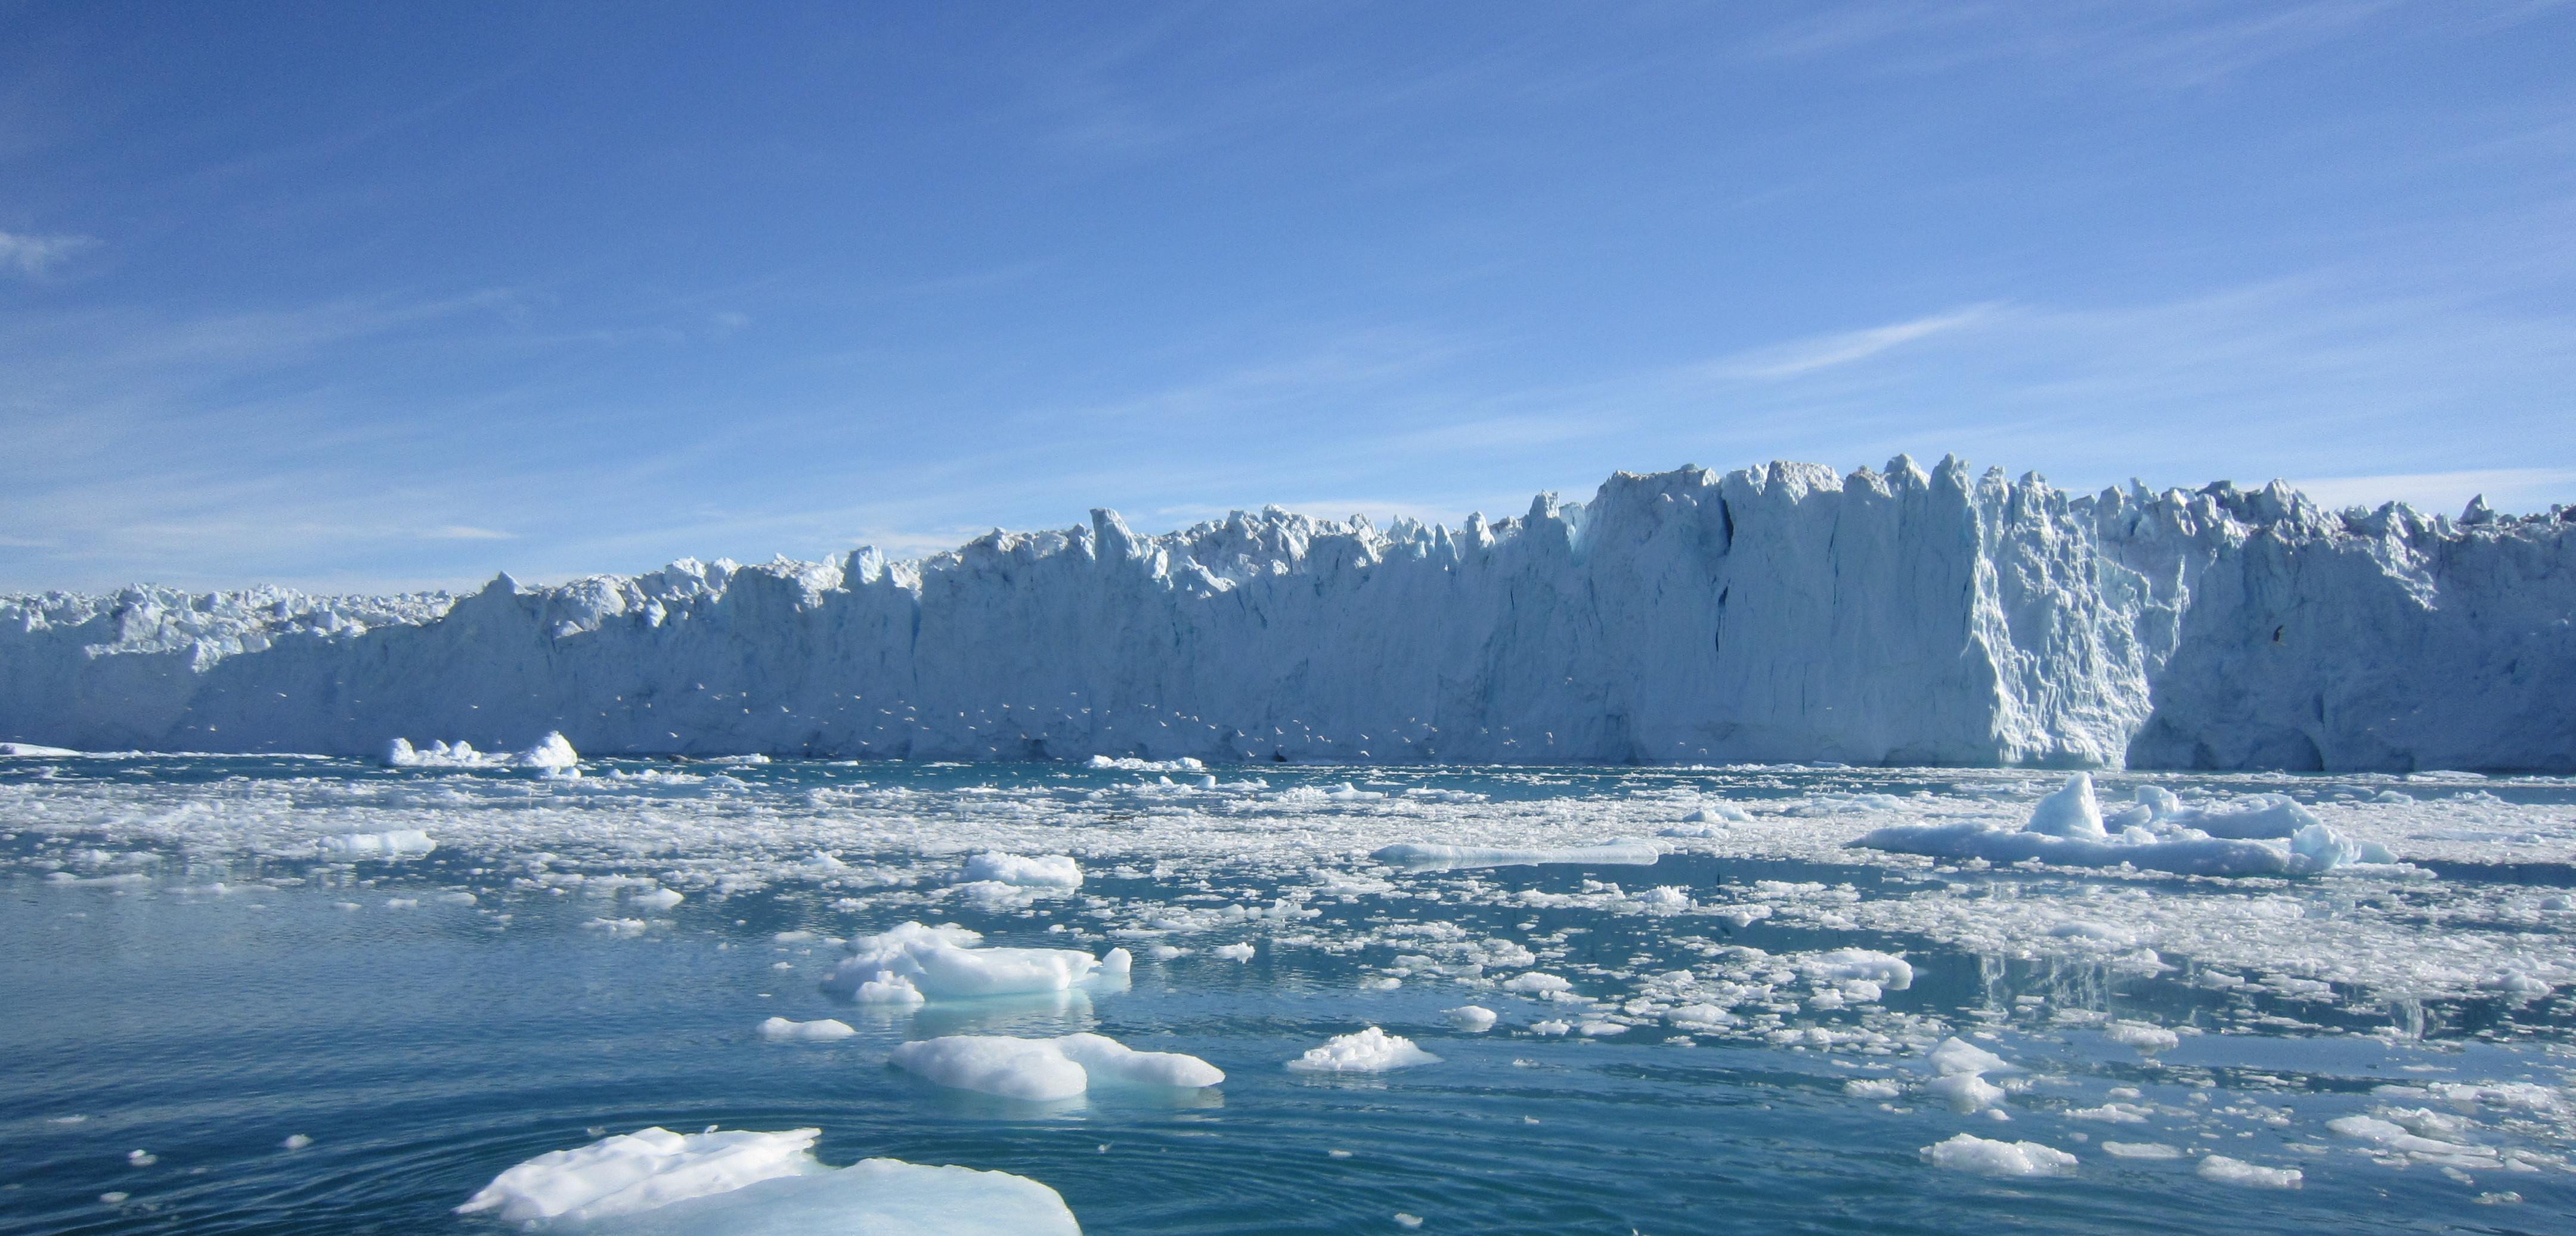 Nel 2100 il livello degli oceani salir di un metro for Piani di fattoria di un livello